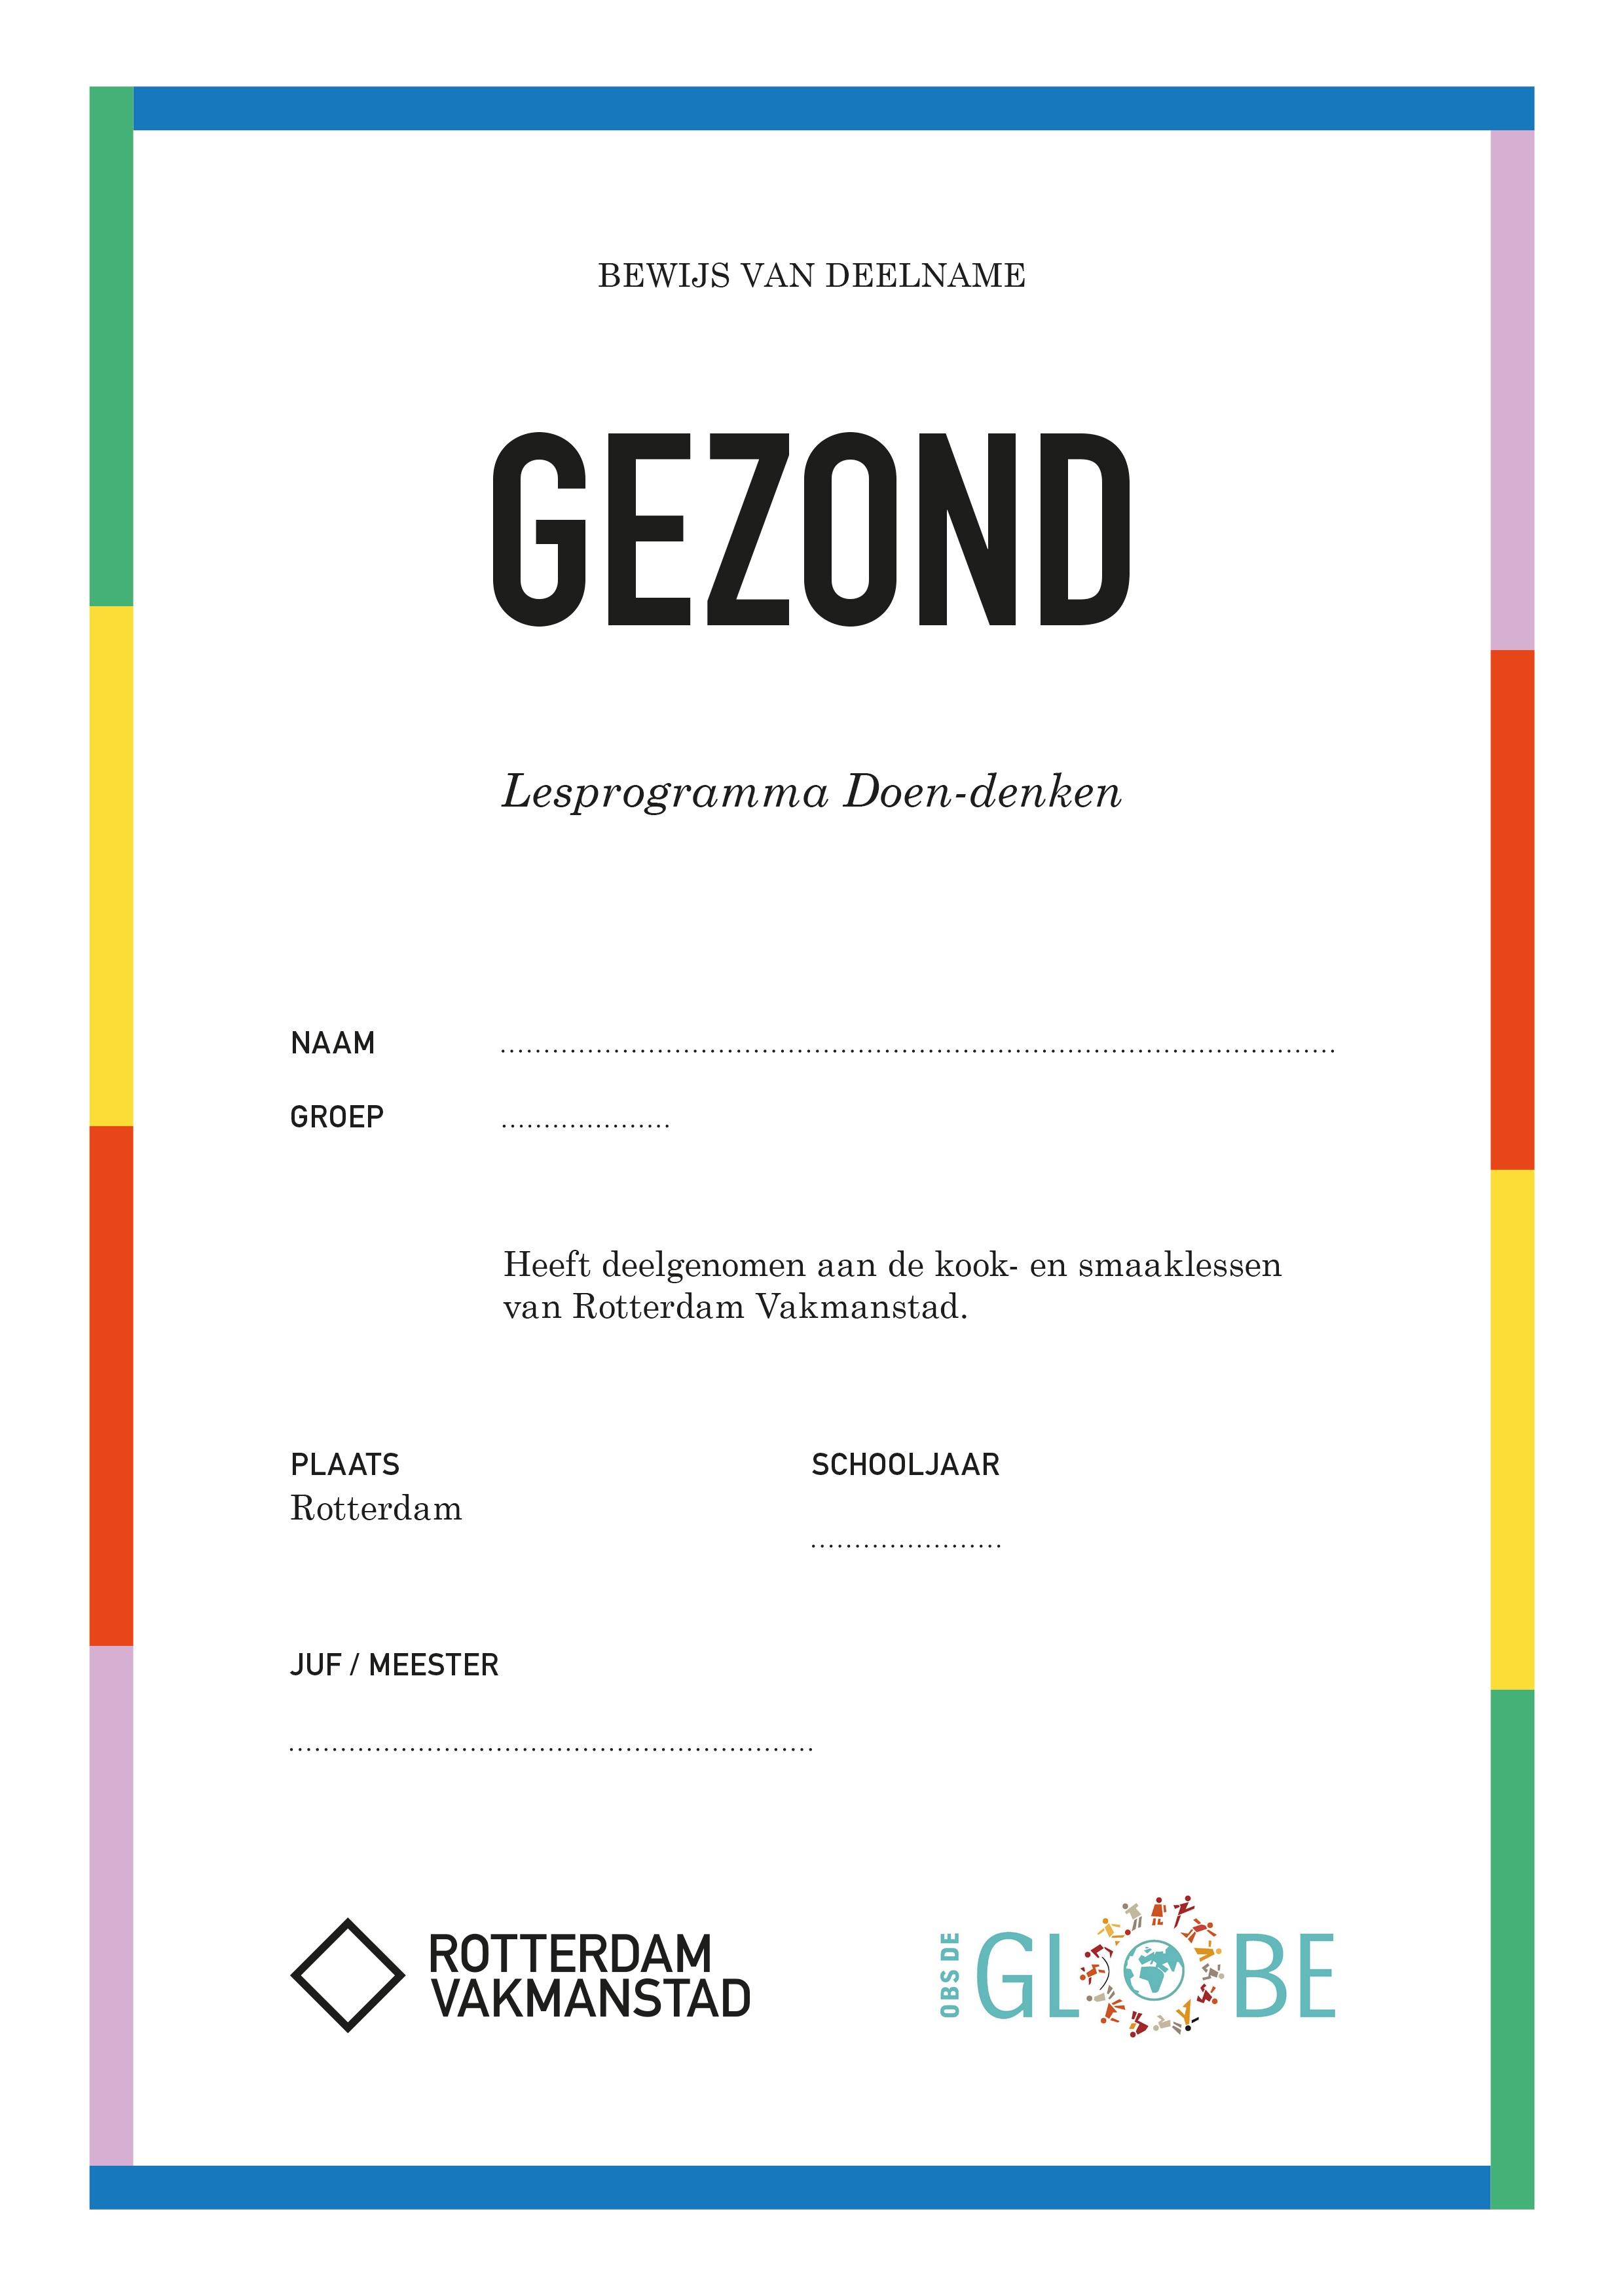 Rotterdam Vakmanstad / Doen-denken / Certificaten / OBS De Globe / 2020